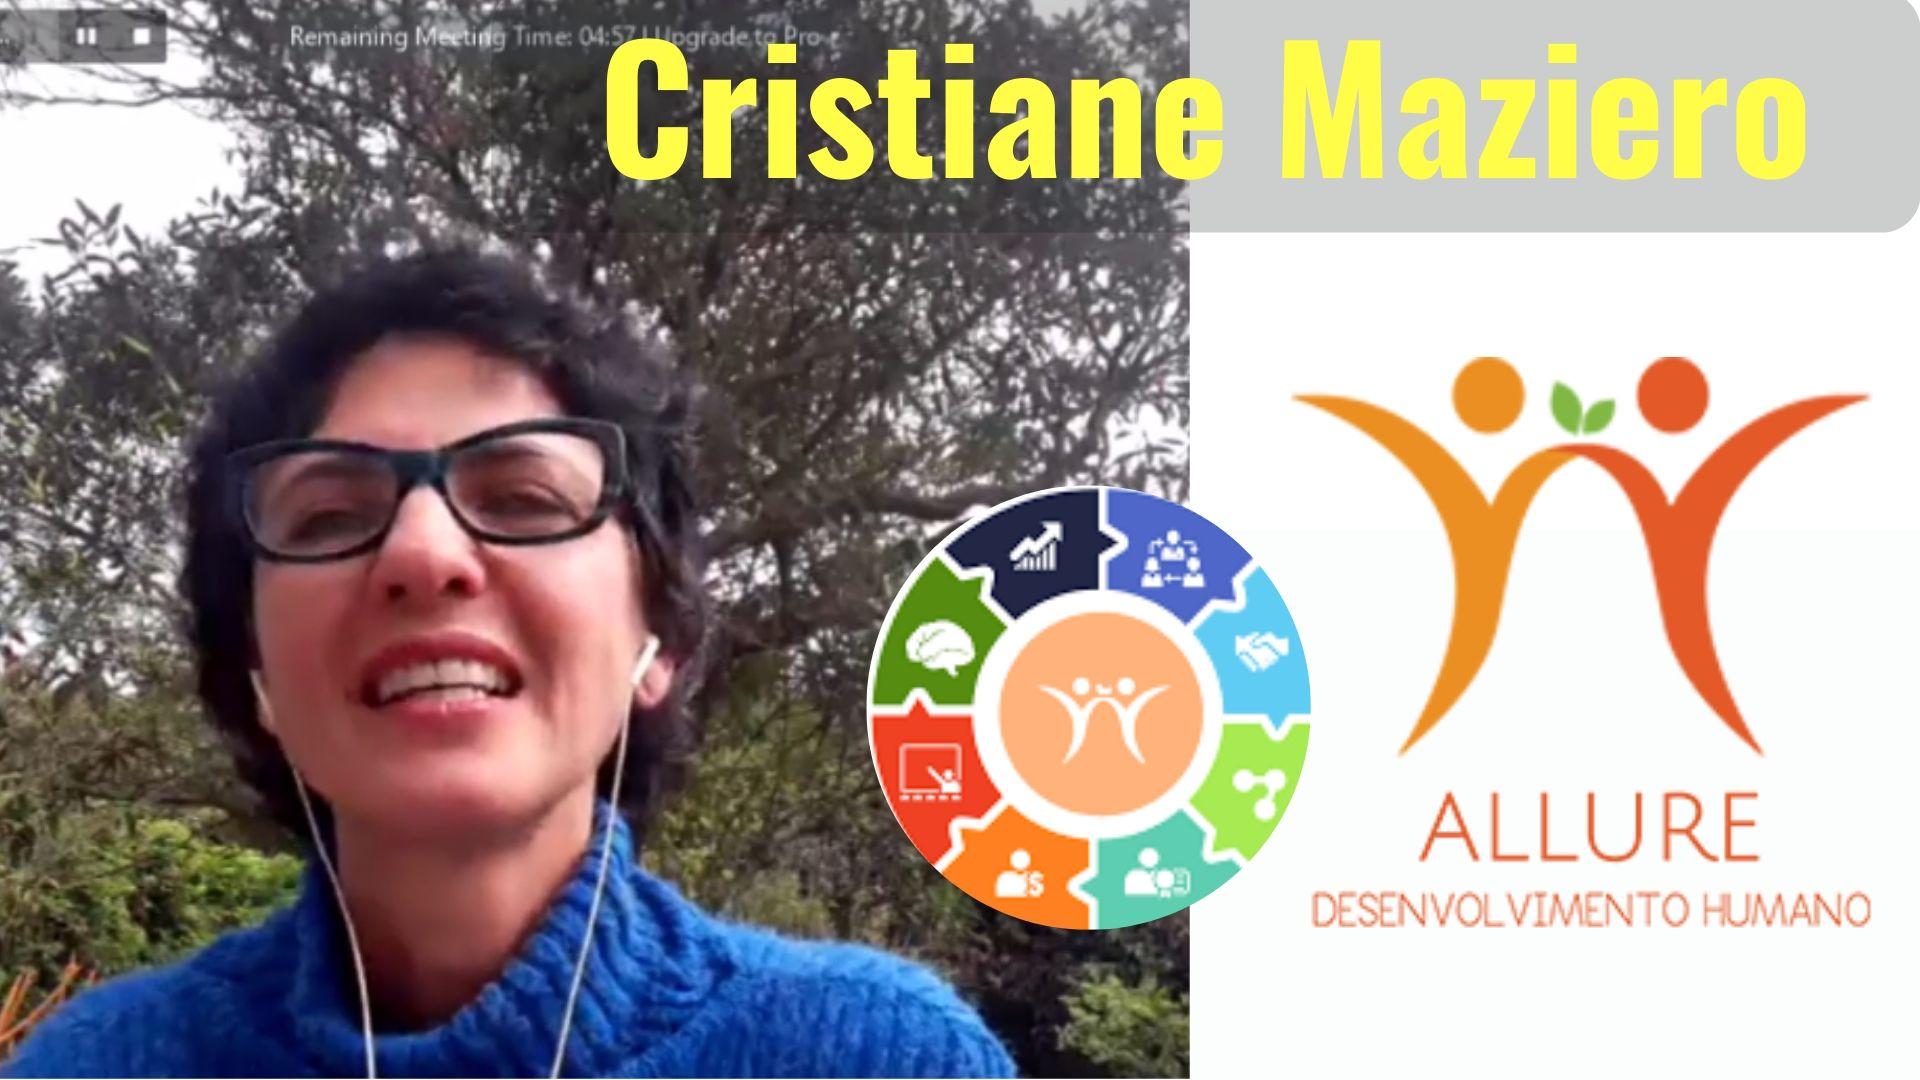 Allure Desenvolvimento Humano – Cristiane Maziero